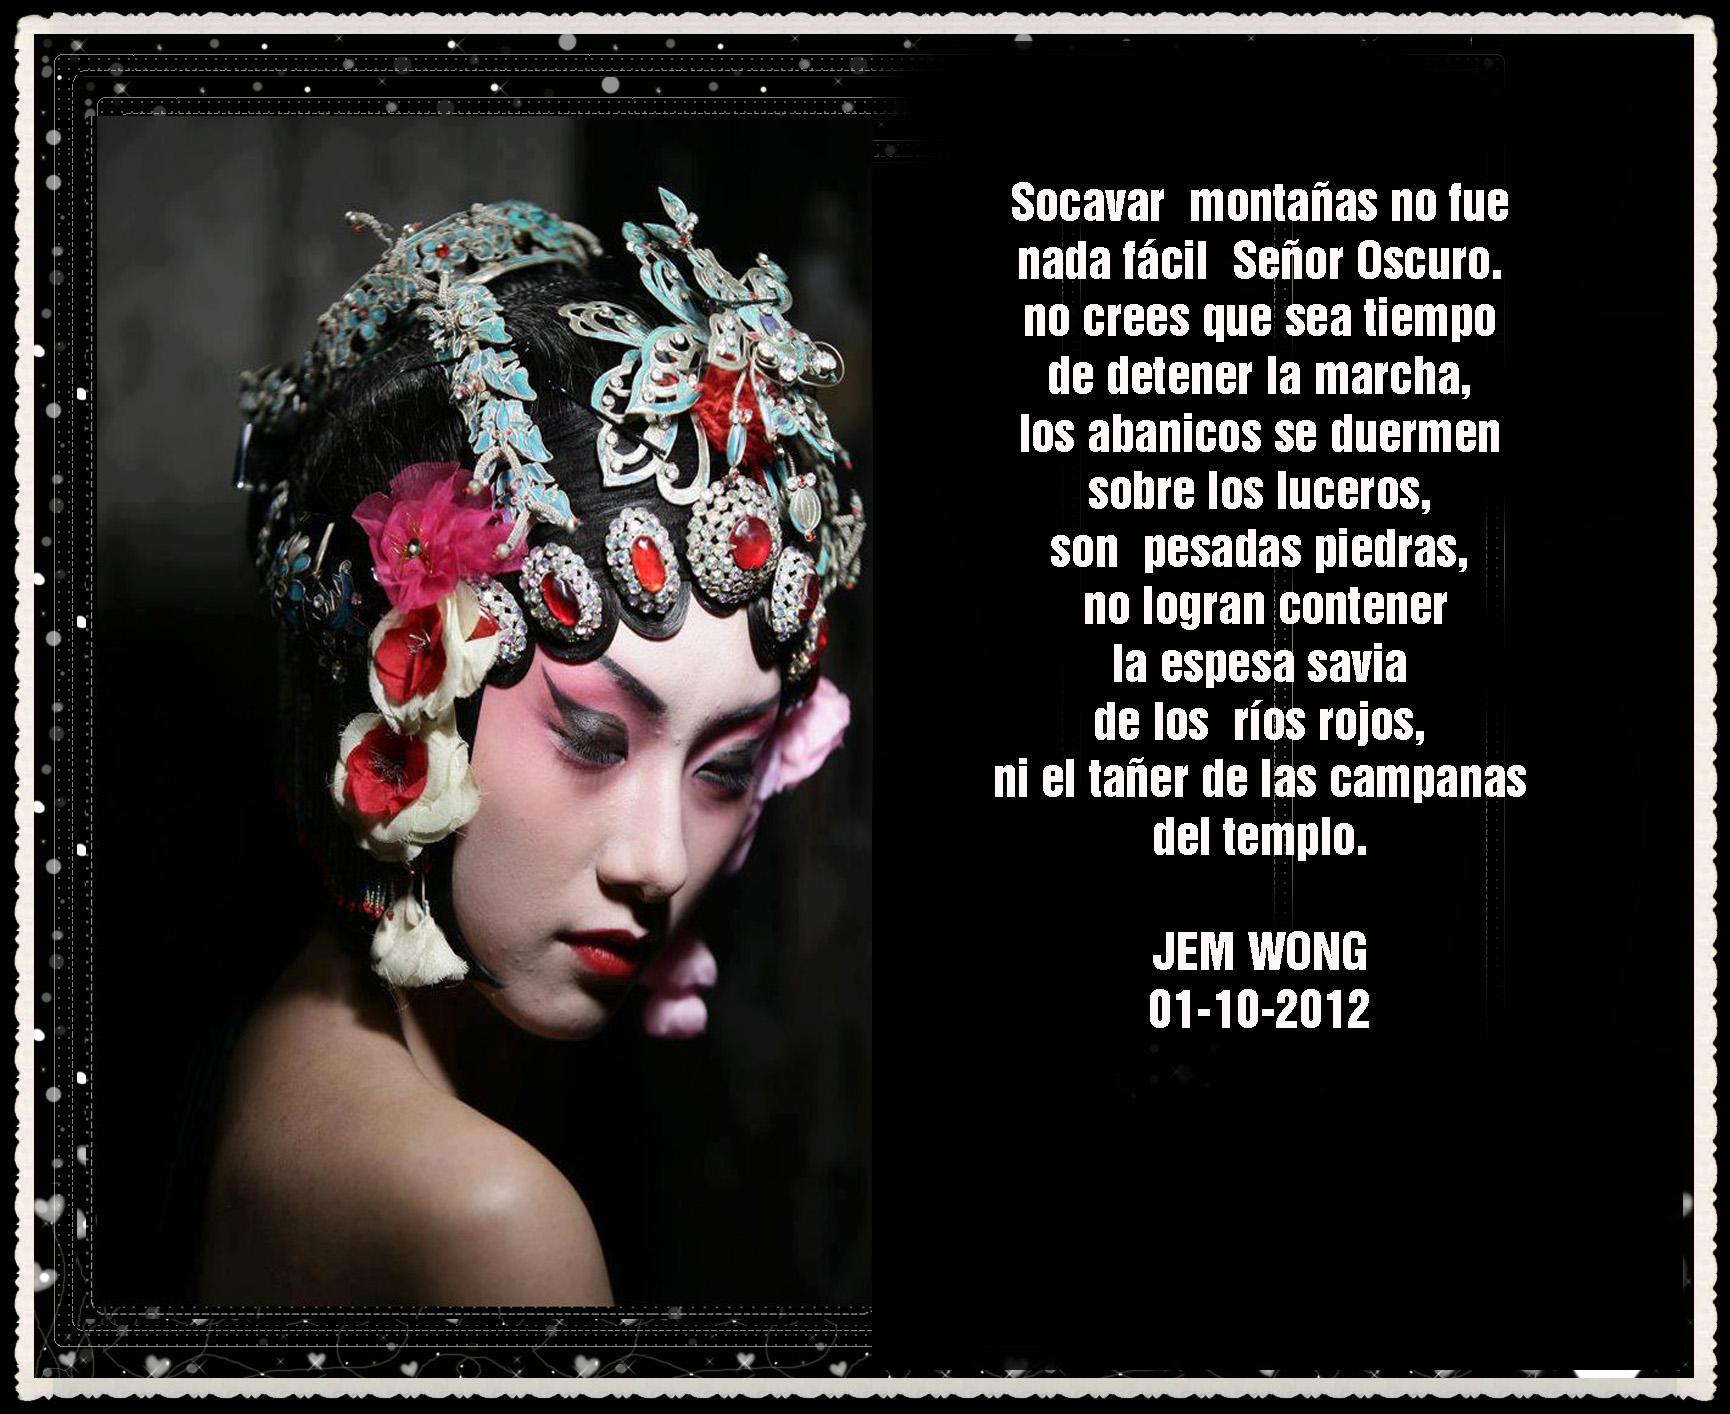 M S All De La Muerte Poemas Y Cartas De : a mi muerte ...